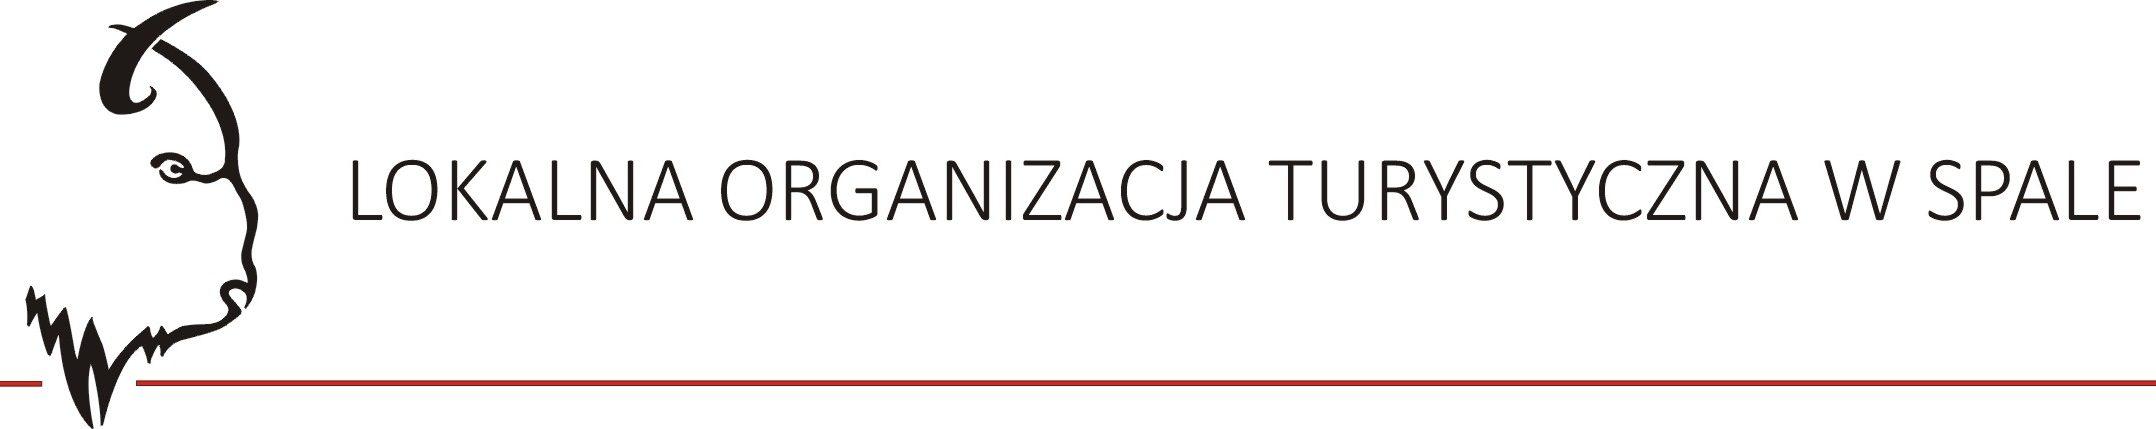 Lokalna Organizacja Turystyczna w Spale